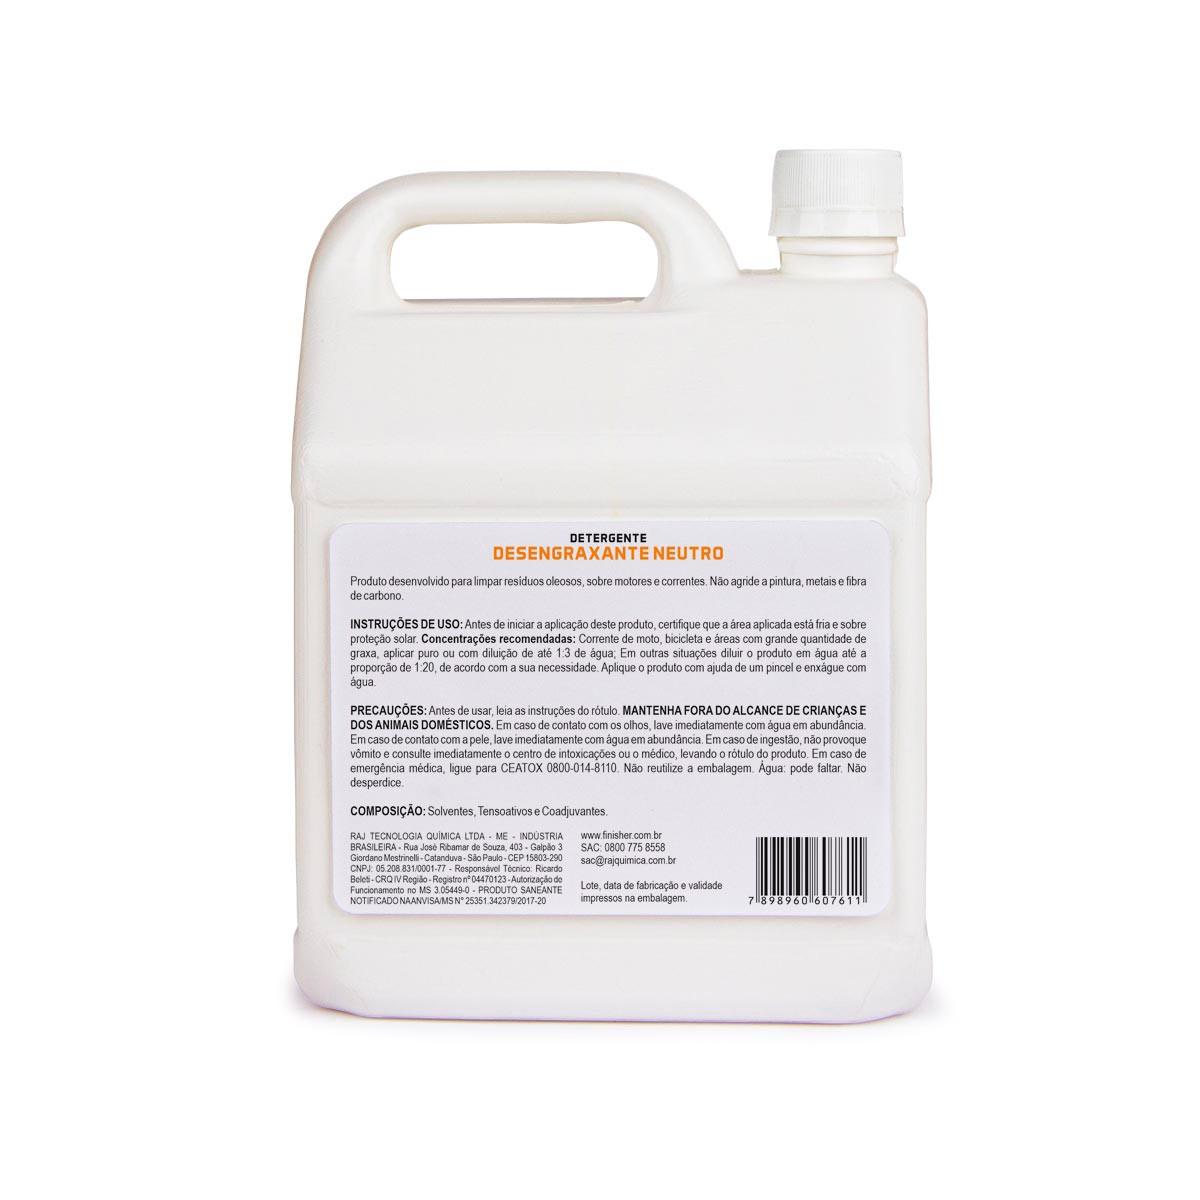 Detergente Desengraxante Neutro 2,5L - Finisher